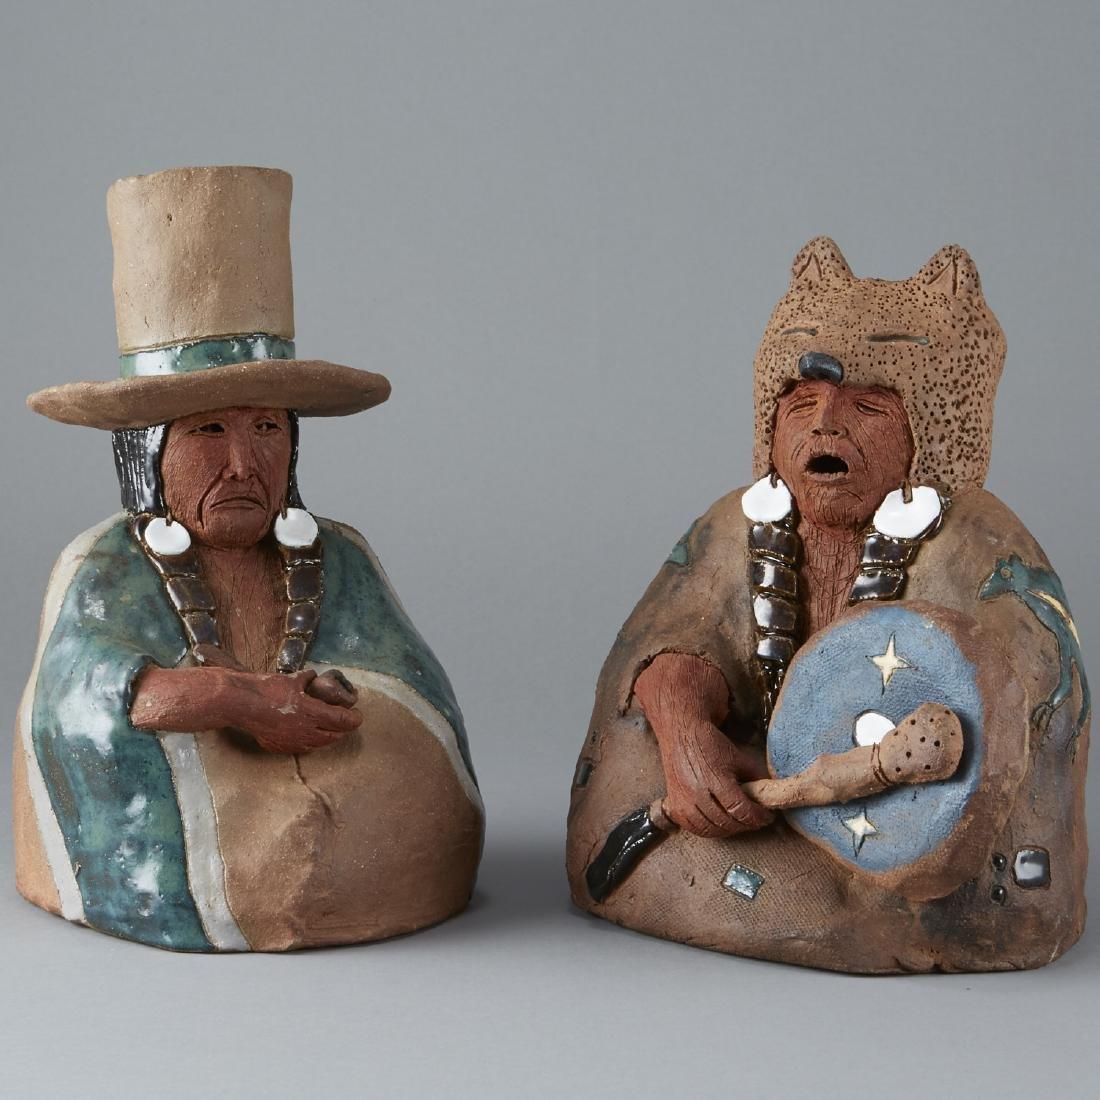 2 Glen LaFontaine Ceramic Sculptures